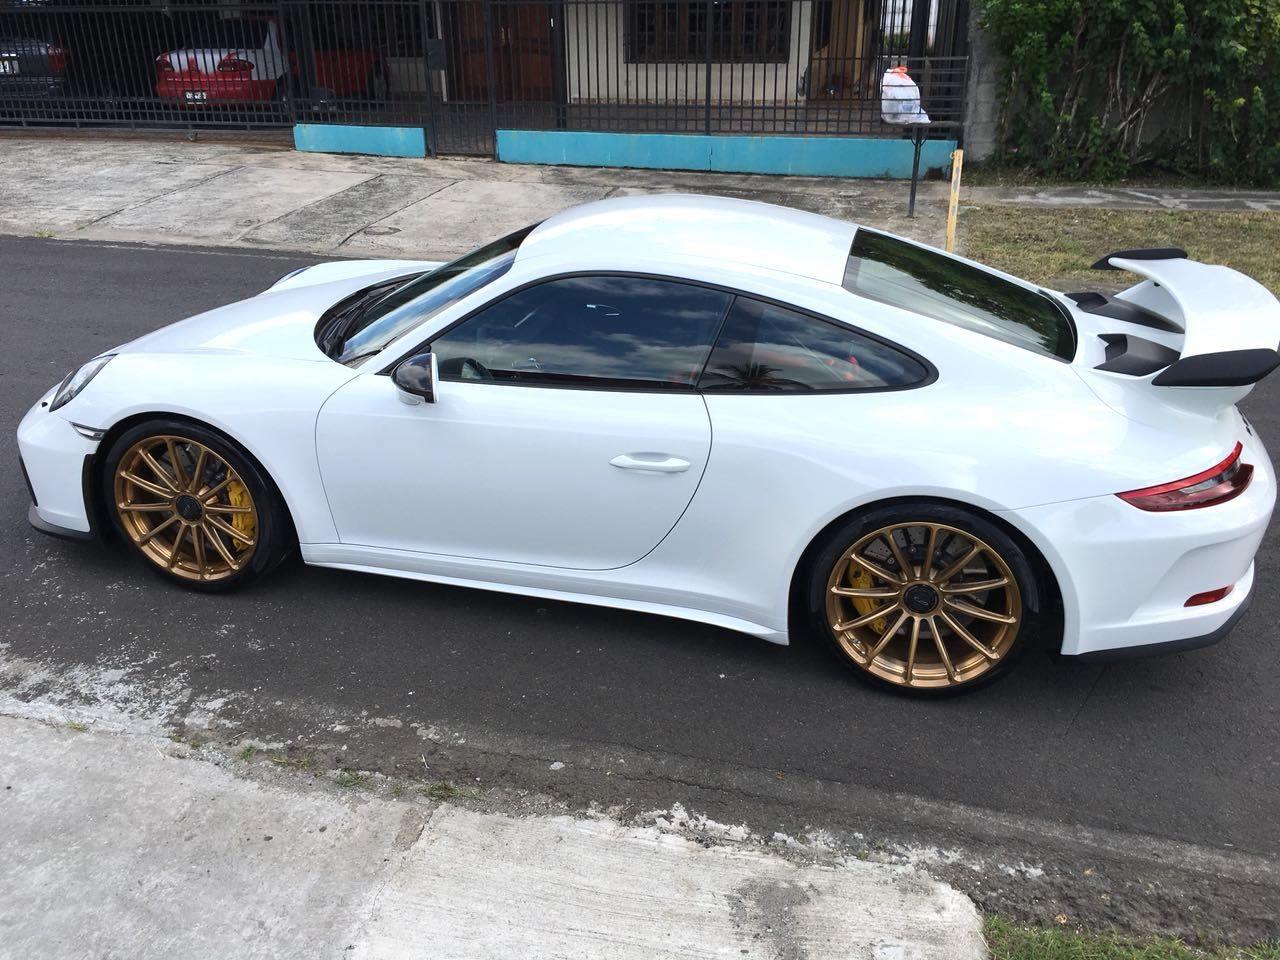 2018 Porsche 911 | Enrique Thompson's Porsche 991 GT3 on Forgeline One Piece Forged Monoblock GT1 Wheels